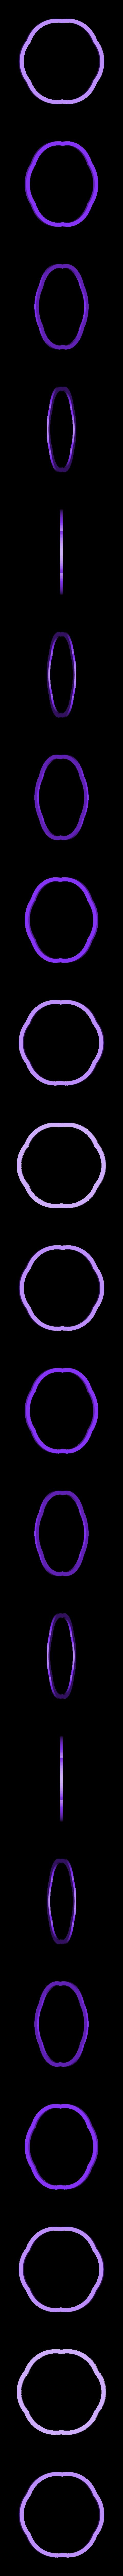 """bowl_6.stl Télécharger fichier STL gratuit Ensemble de cuisine """"Spring"""" • Plan à imprimer en 3D, TanyaAkinora"""